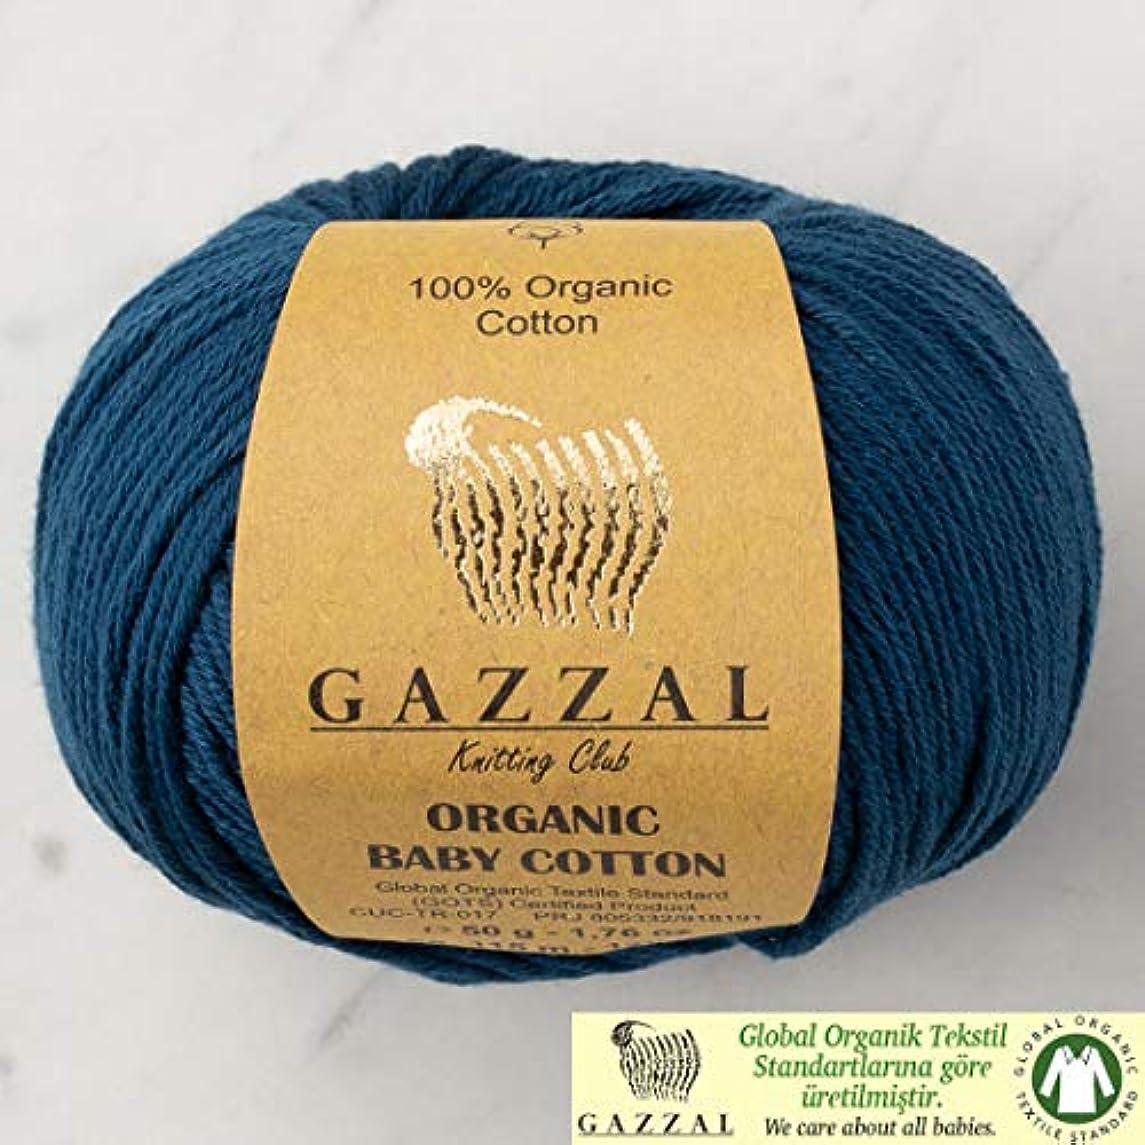 5 Ball (Pack) Gazzal Organic Baby Cotton Yarn, Total 8.8 Oz. 100% Organic Cotton, Each 1.76 Oz (50g) / 125 Yrds (115 m), 3 Light DK, Blue - 437